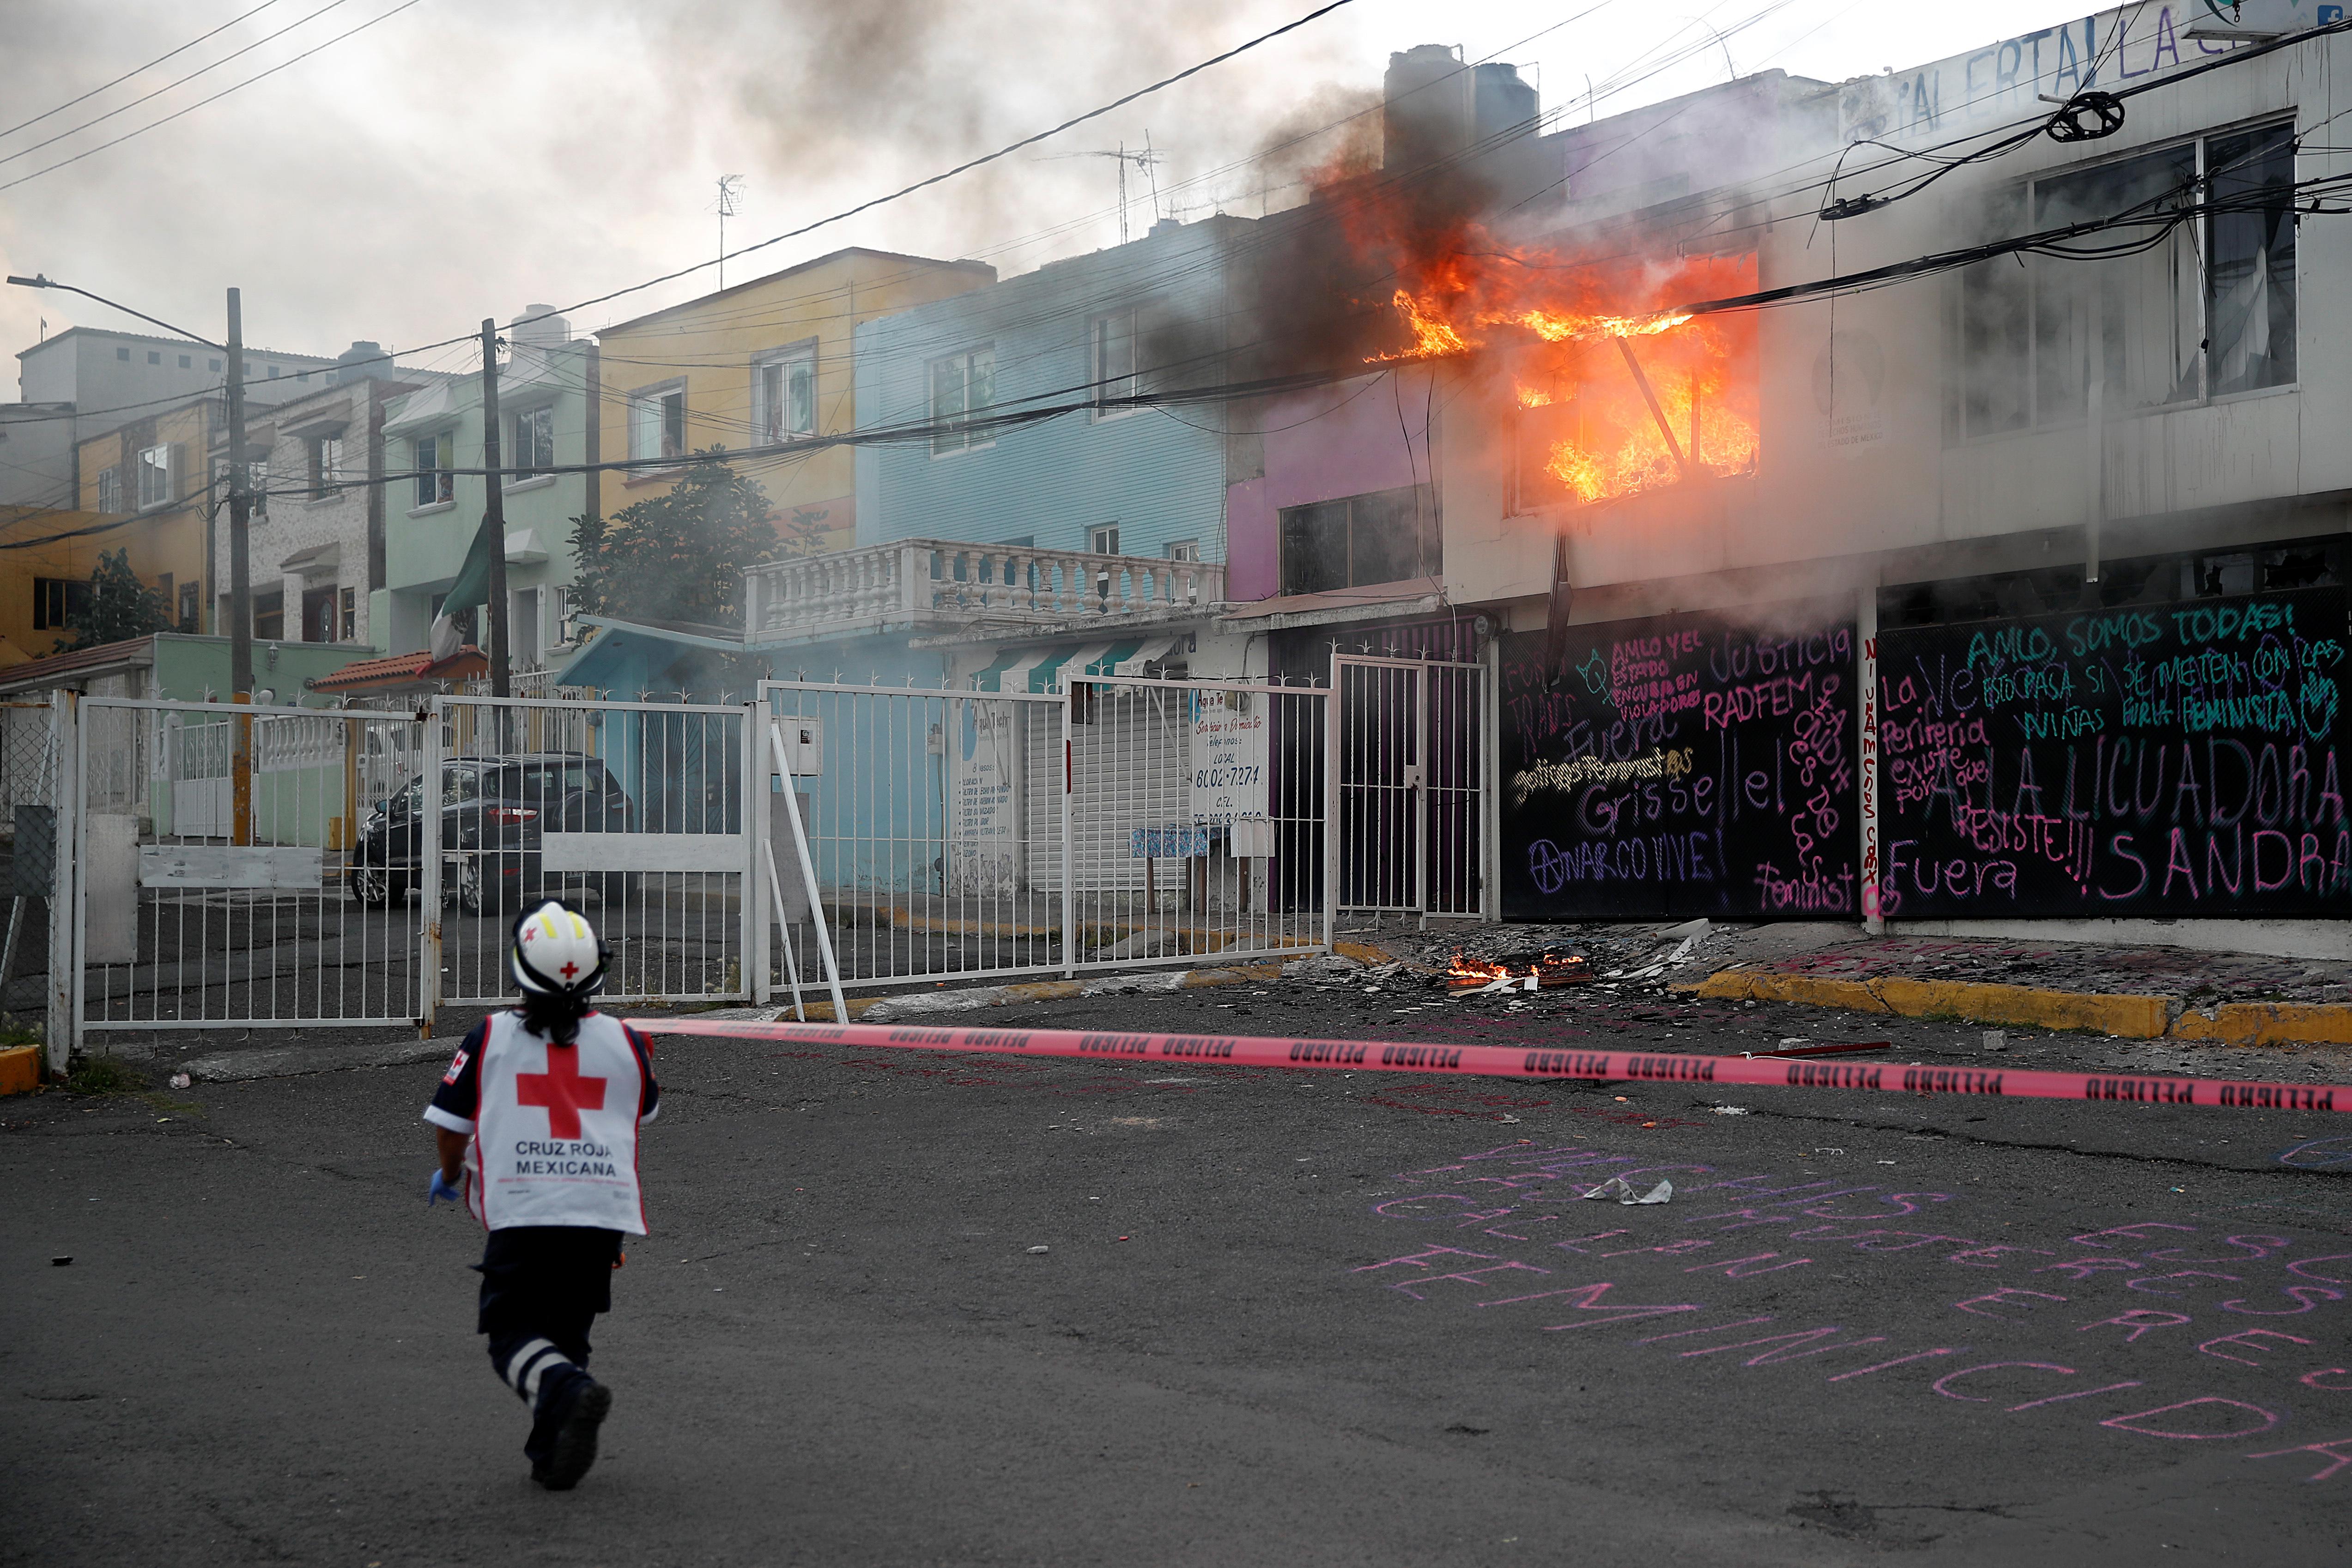 Un miembro de la Cruz Roja pasa junto a un incendio que estalló después de que miembros de un colectivo feminista vandalizaran las instalaciones de la comisión de derechos humanos del estado de México, en apoyo a las víctimas de violencia de género, en Ecatepec, Estado de México, México el 11 de septiembre de 2020.